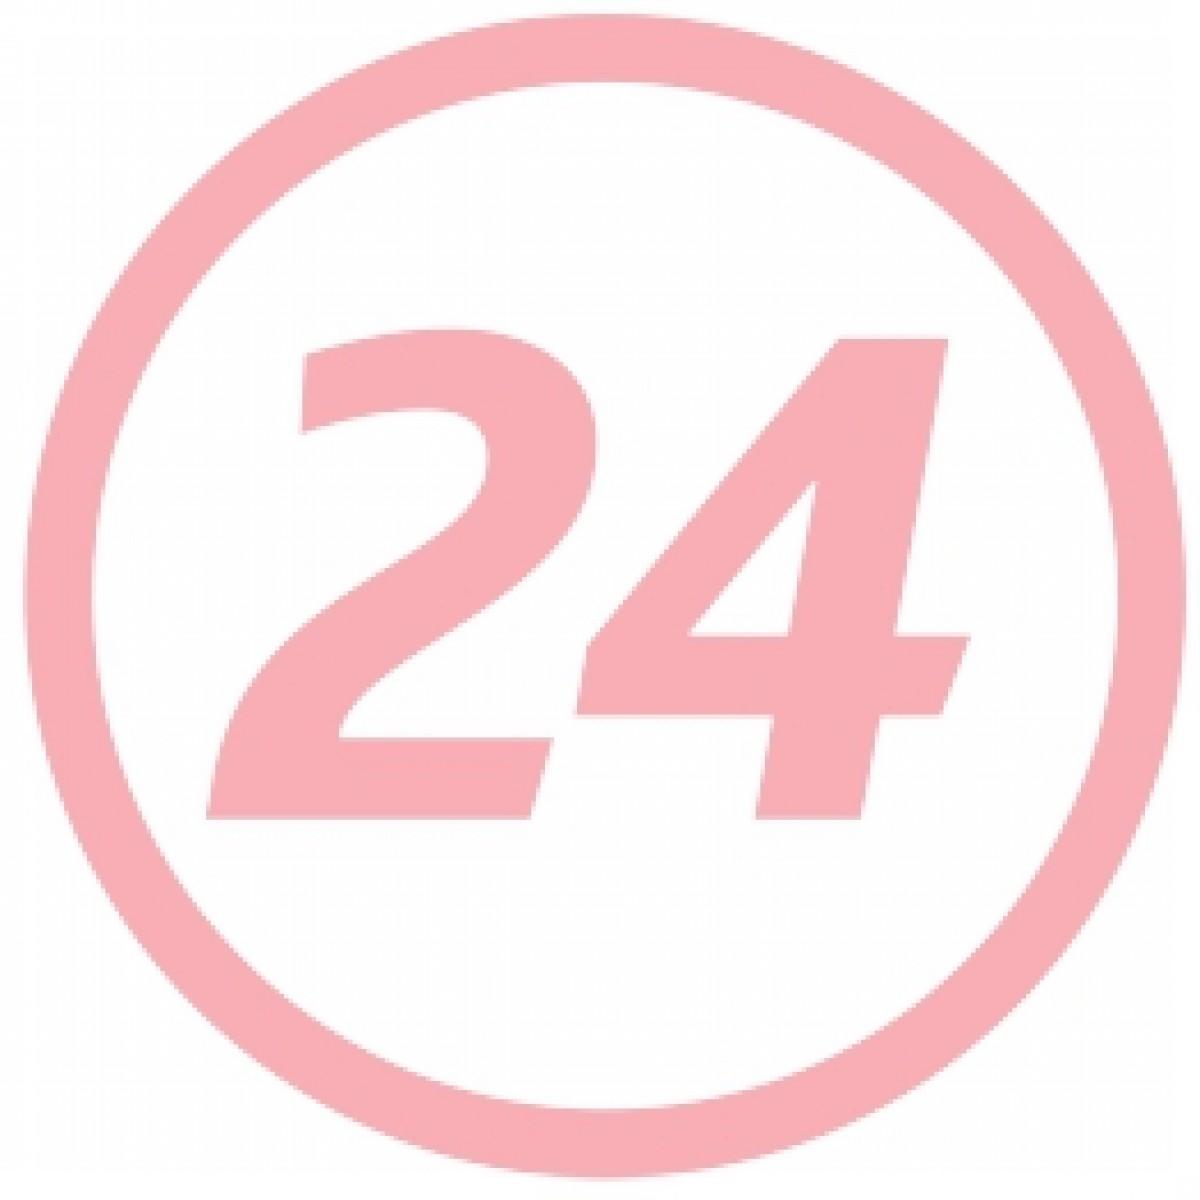 Nuk Suzeta Silicon Freestyle, Marimea 1 (0-6 Luni), Suzeta, 1 buc